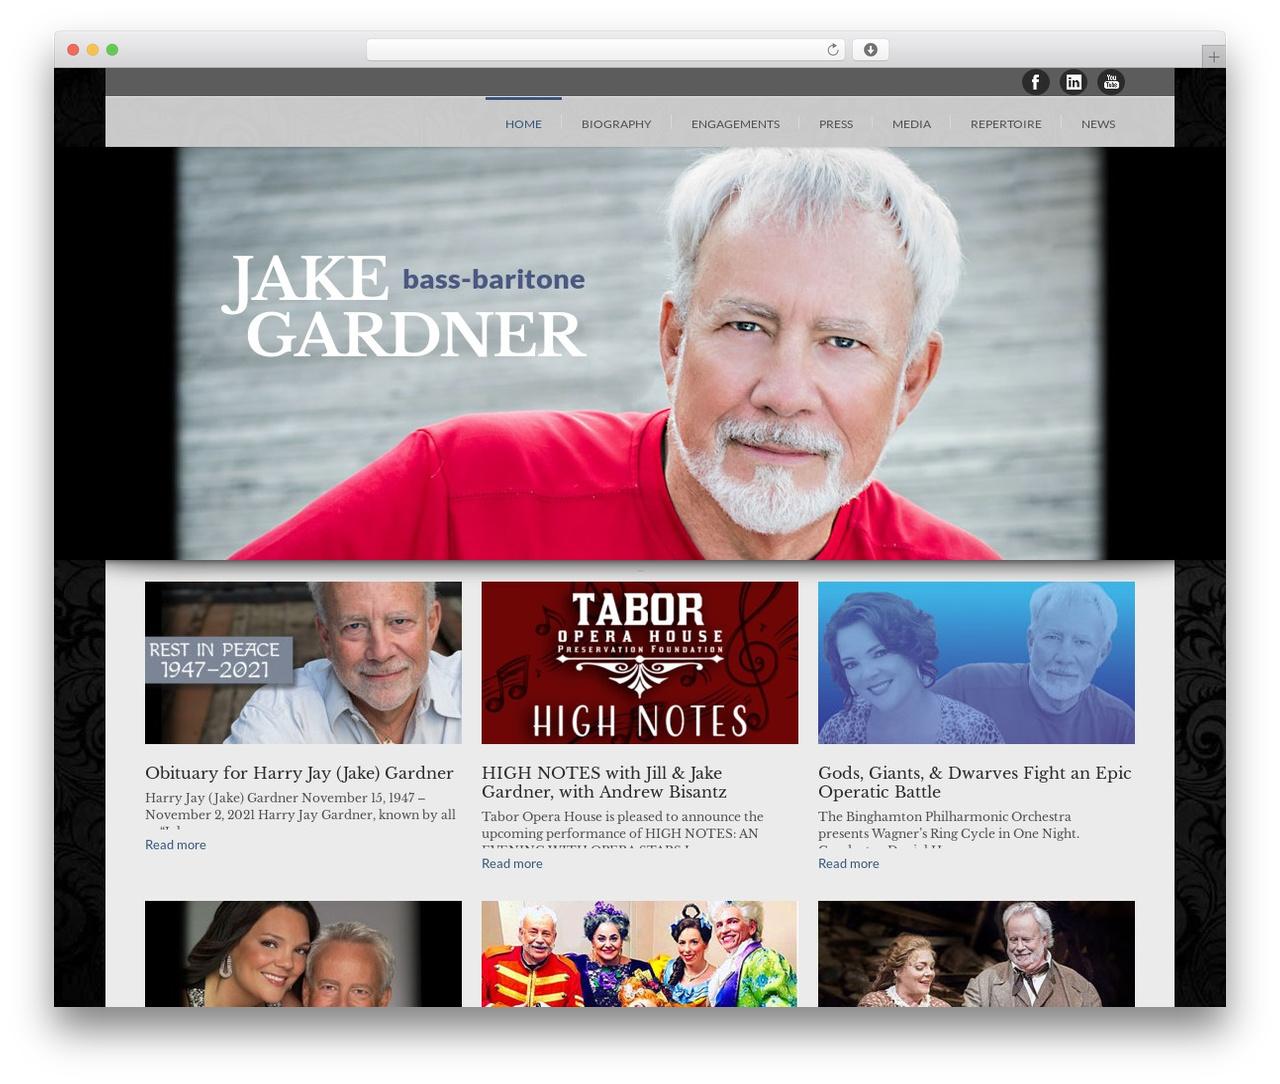 Lounge premium WordPress theme - bassbaritonejakegardner.com